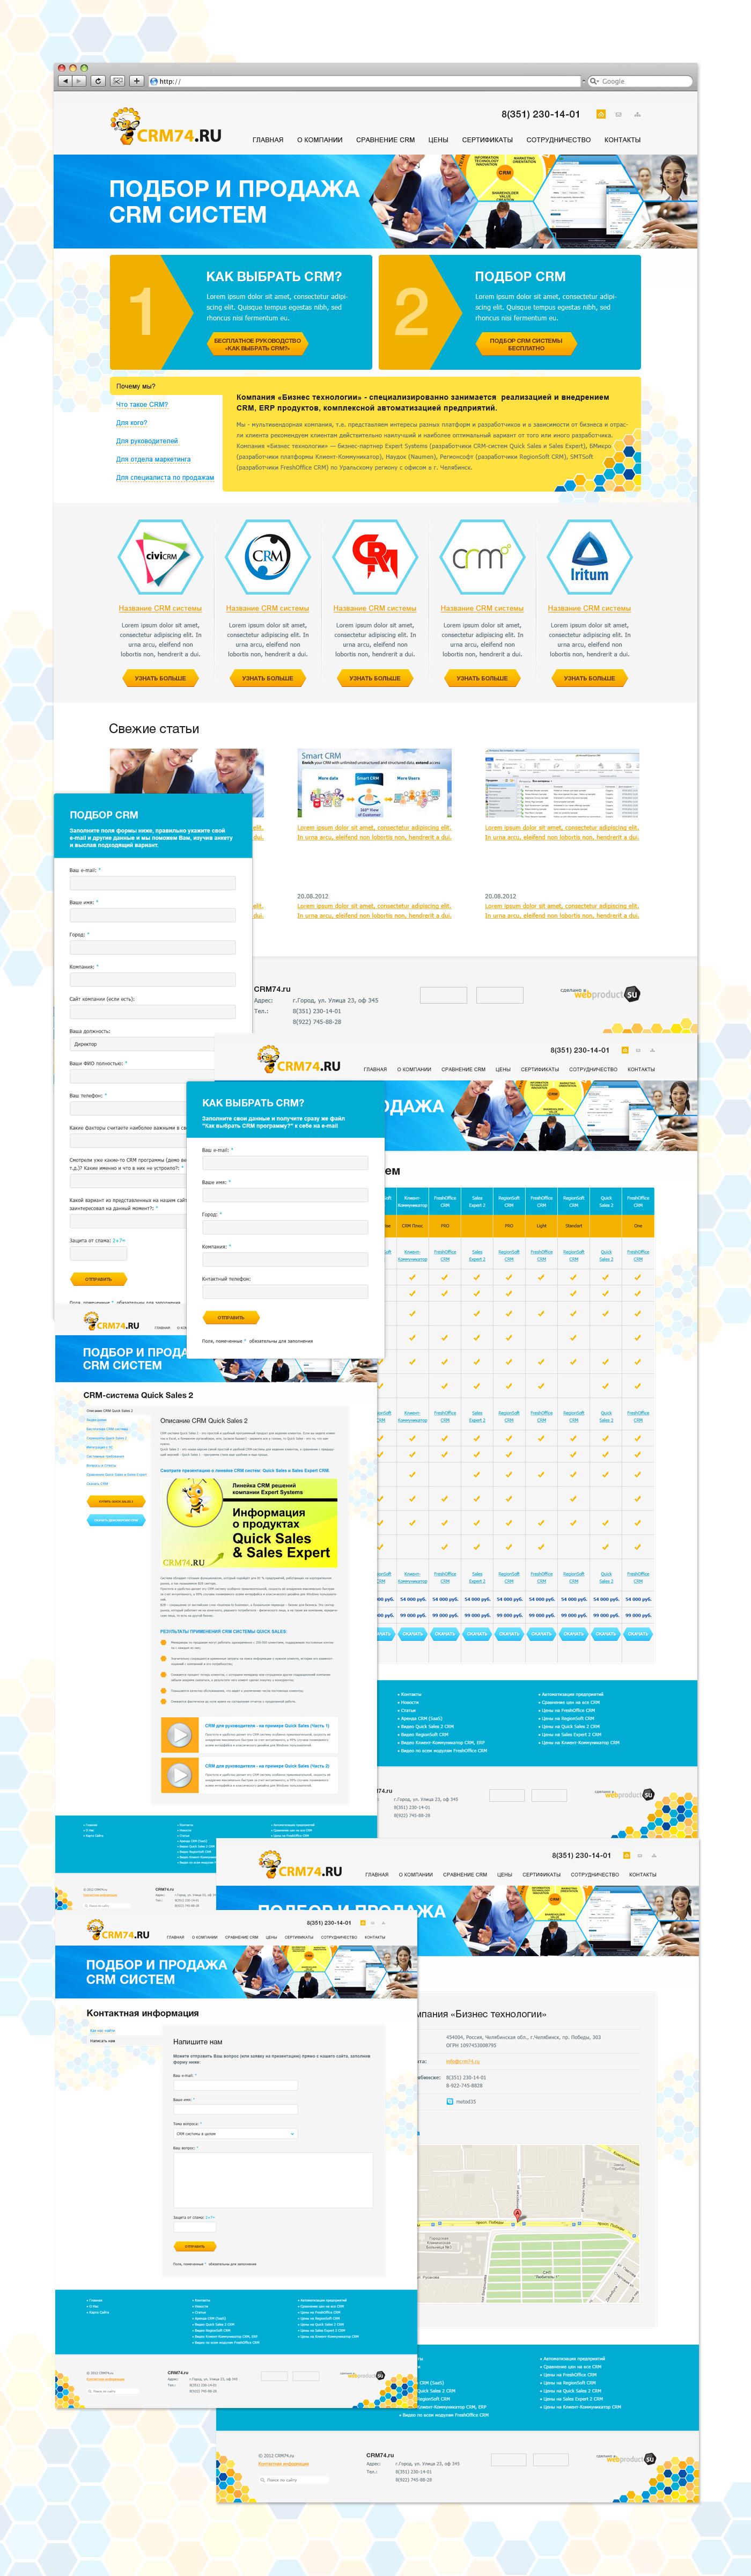 Дизайн сайта www.crm74.ru